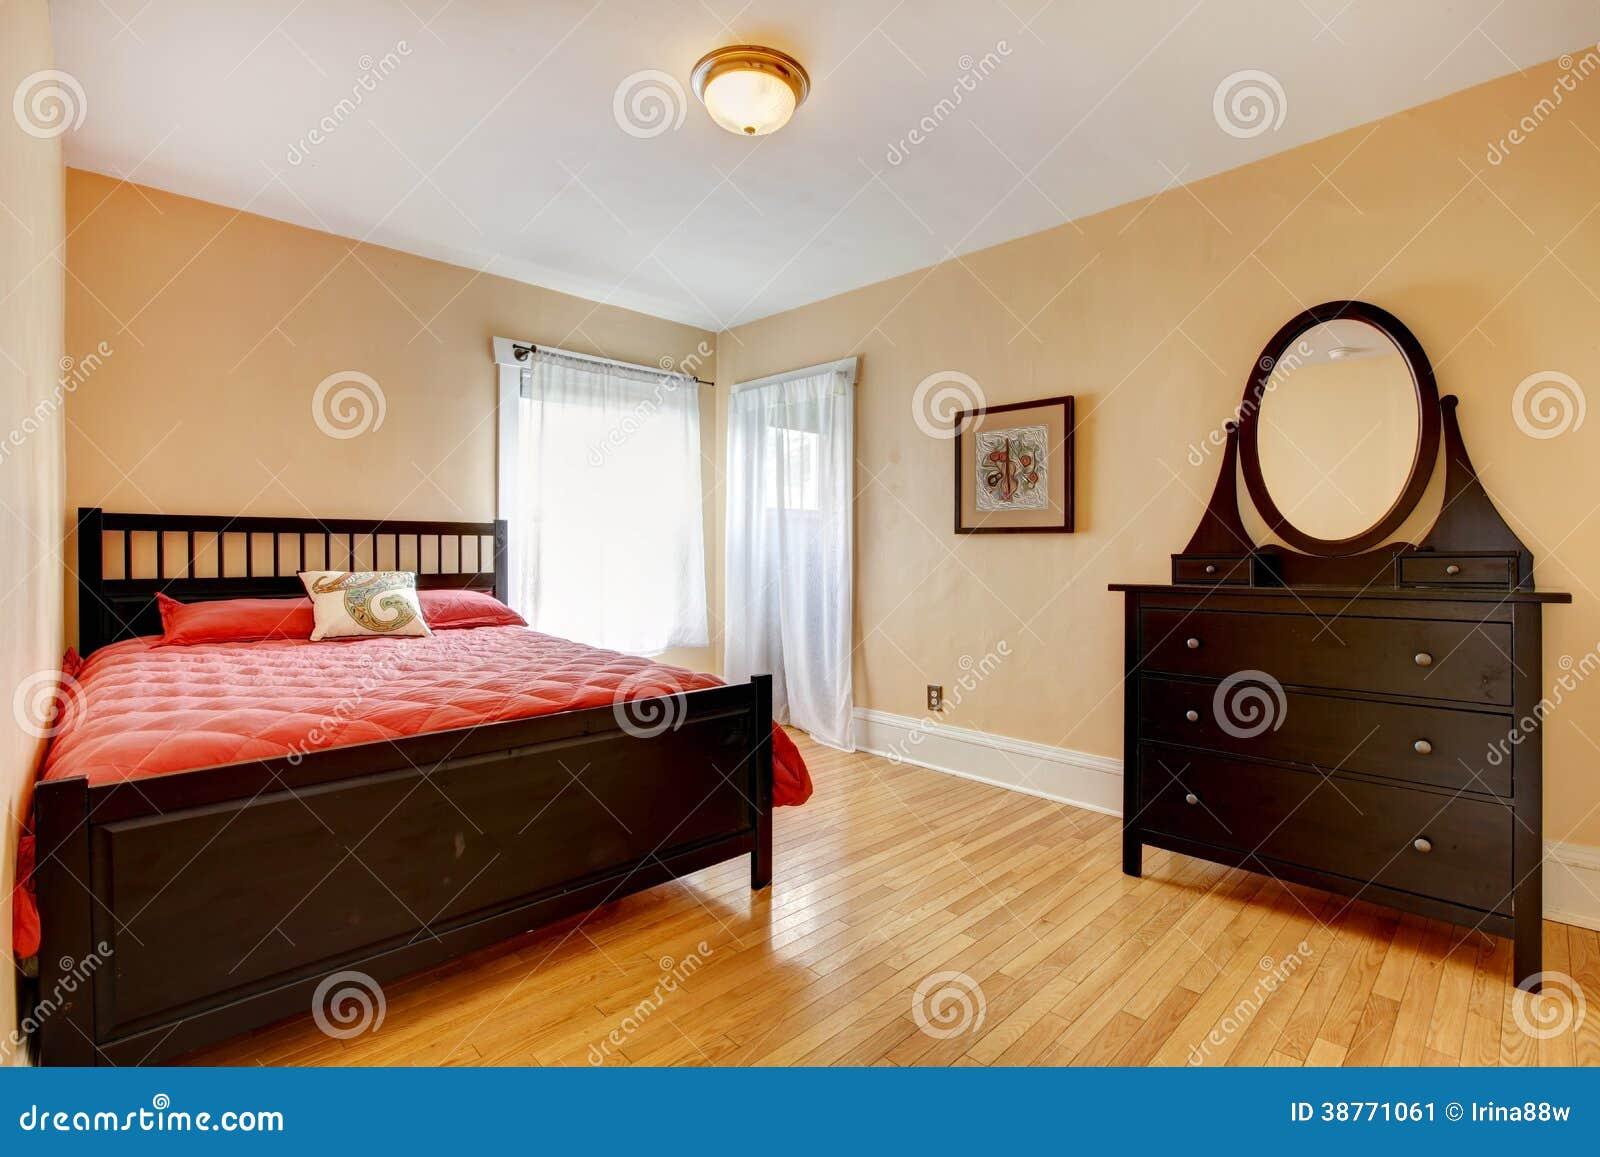 Belle Chambre Coucher Avec Des Meubles De Brun Fonc Image Stock Image 38771061